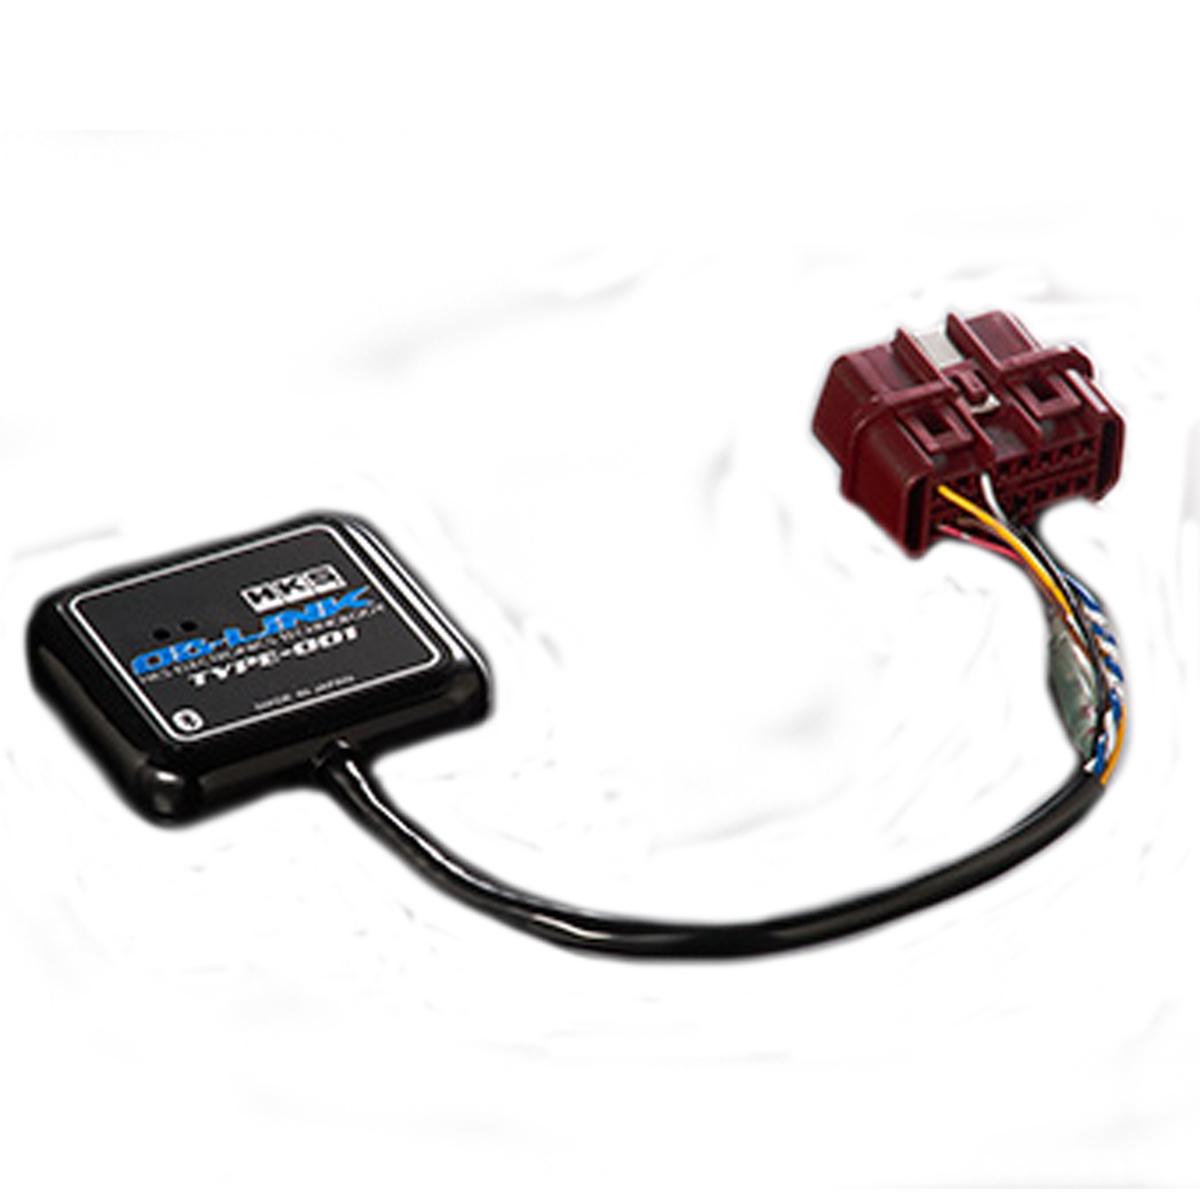 フォレスター モニター OBリンク タイプ 001 SG9 HKS 44009-AK002 エレクトリニクス 個人宅発送追金有